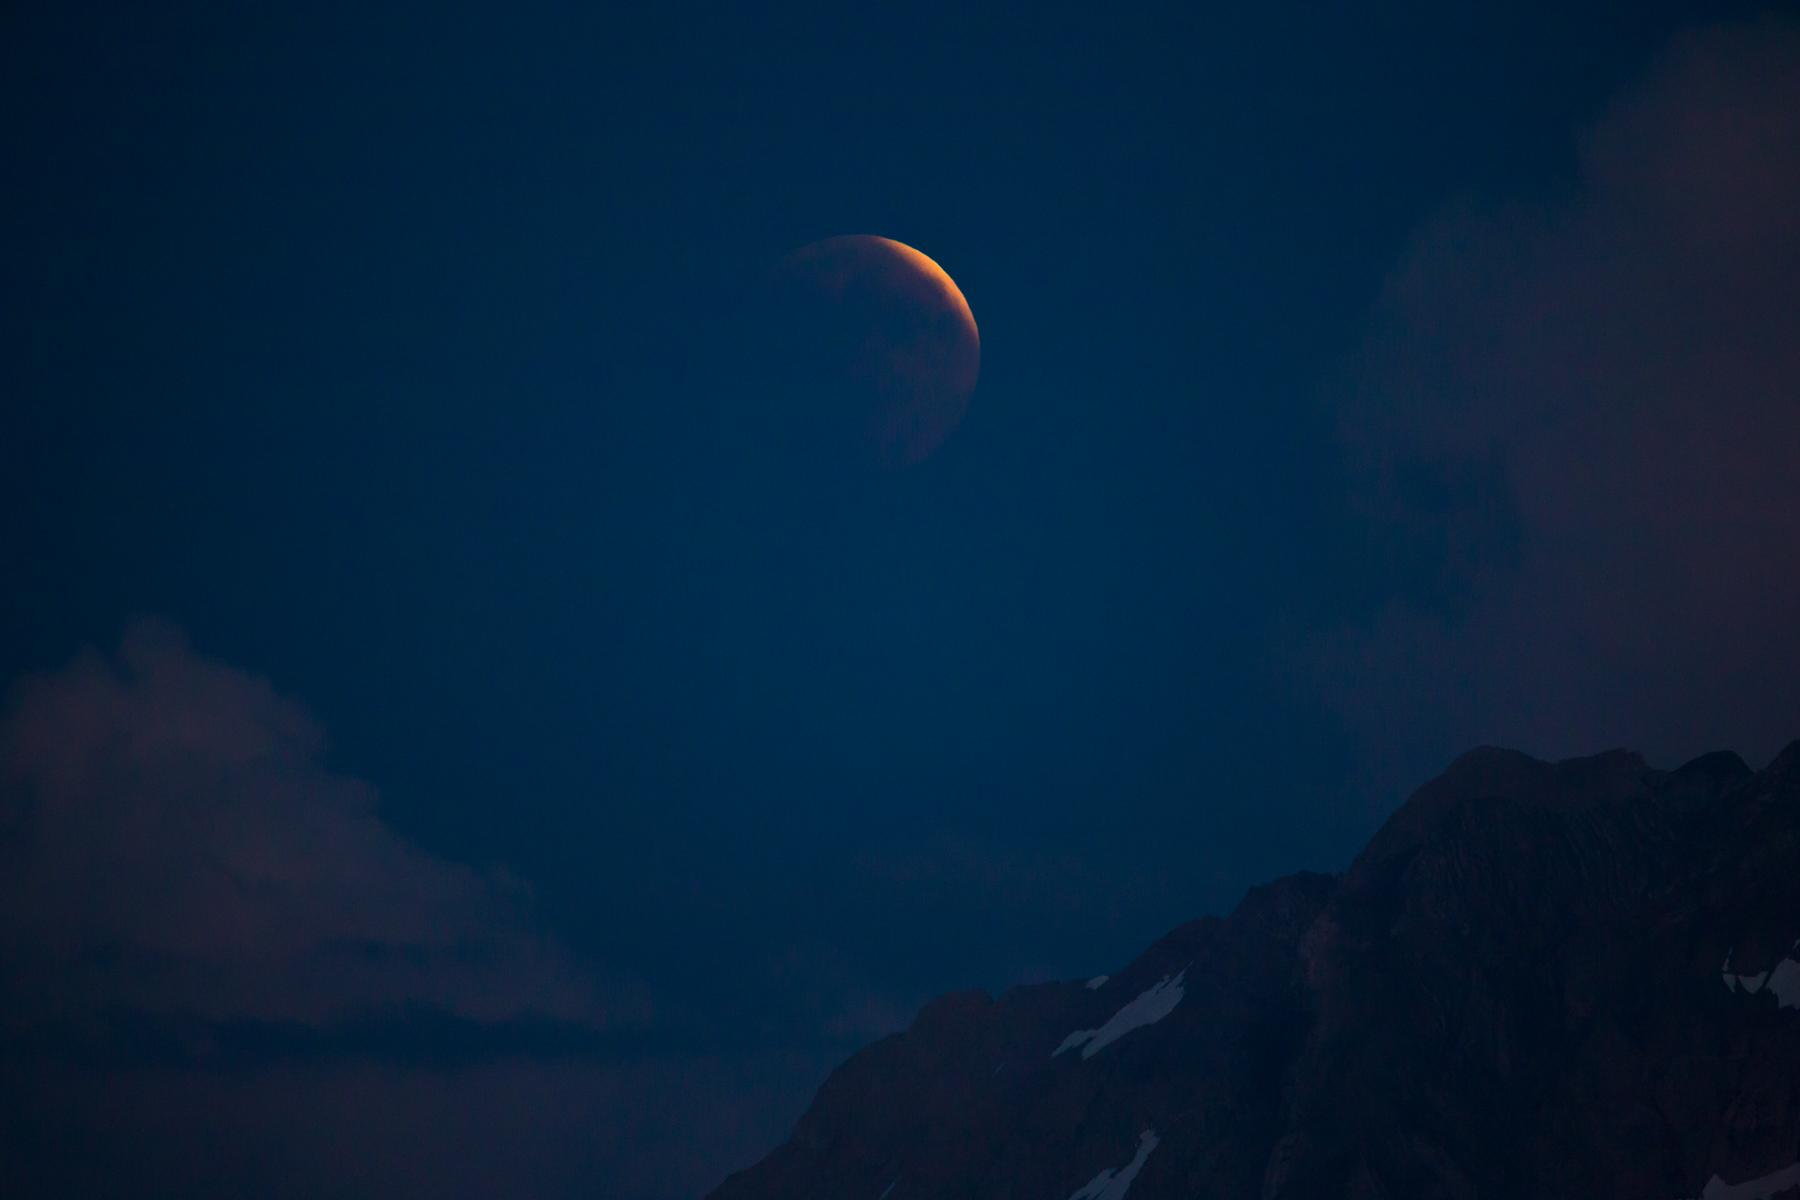 Mond im Schatten